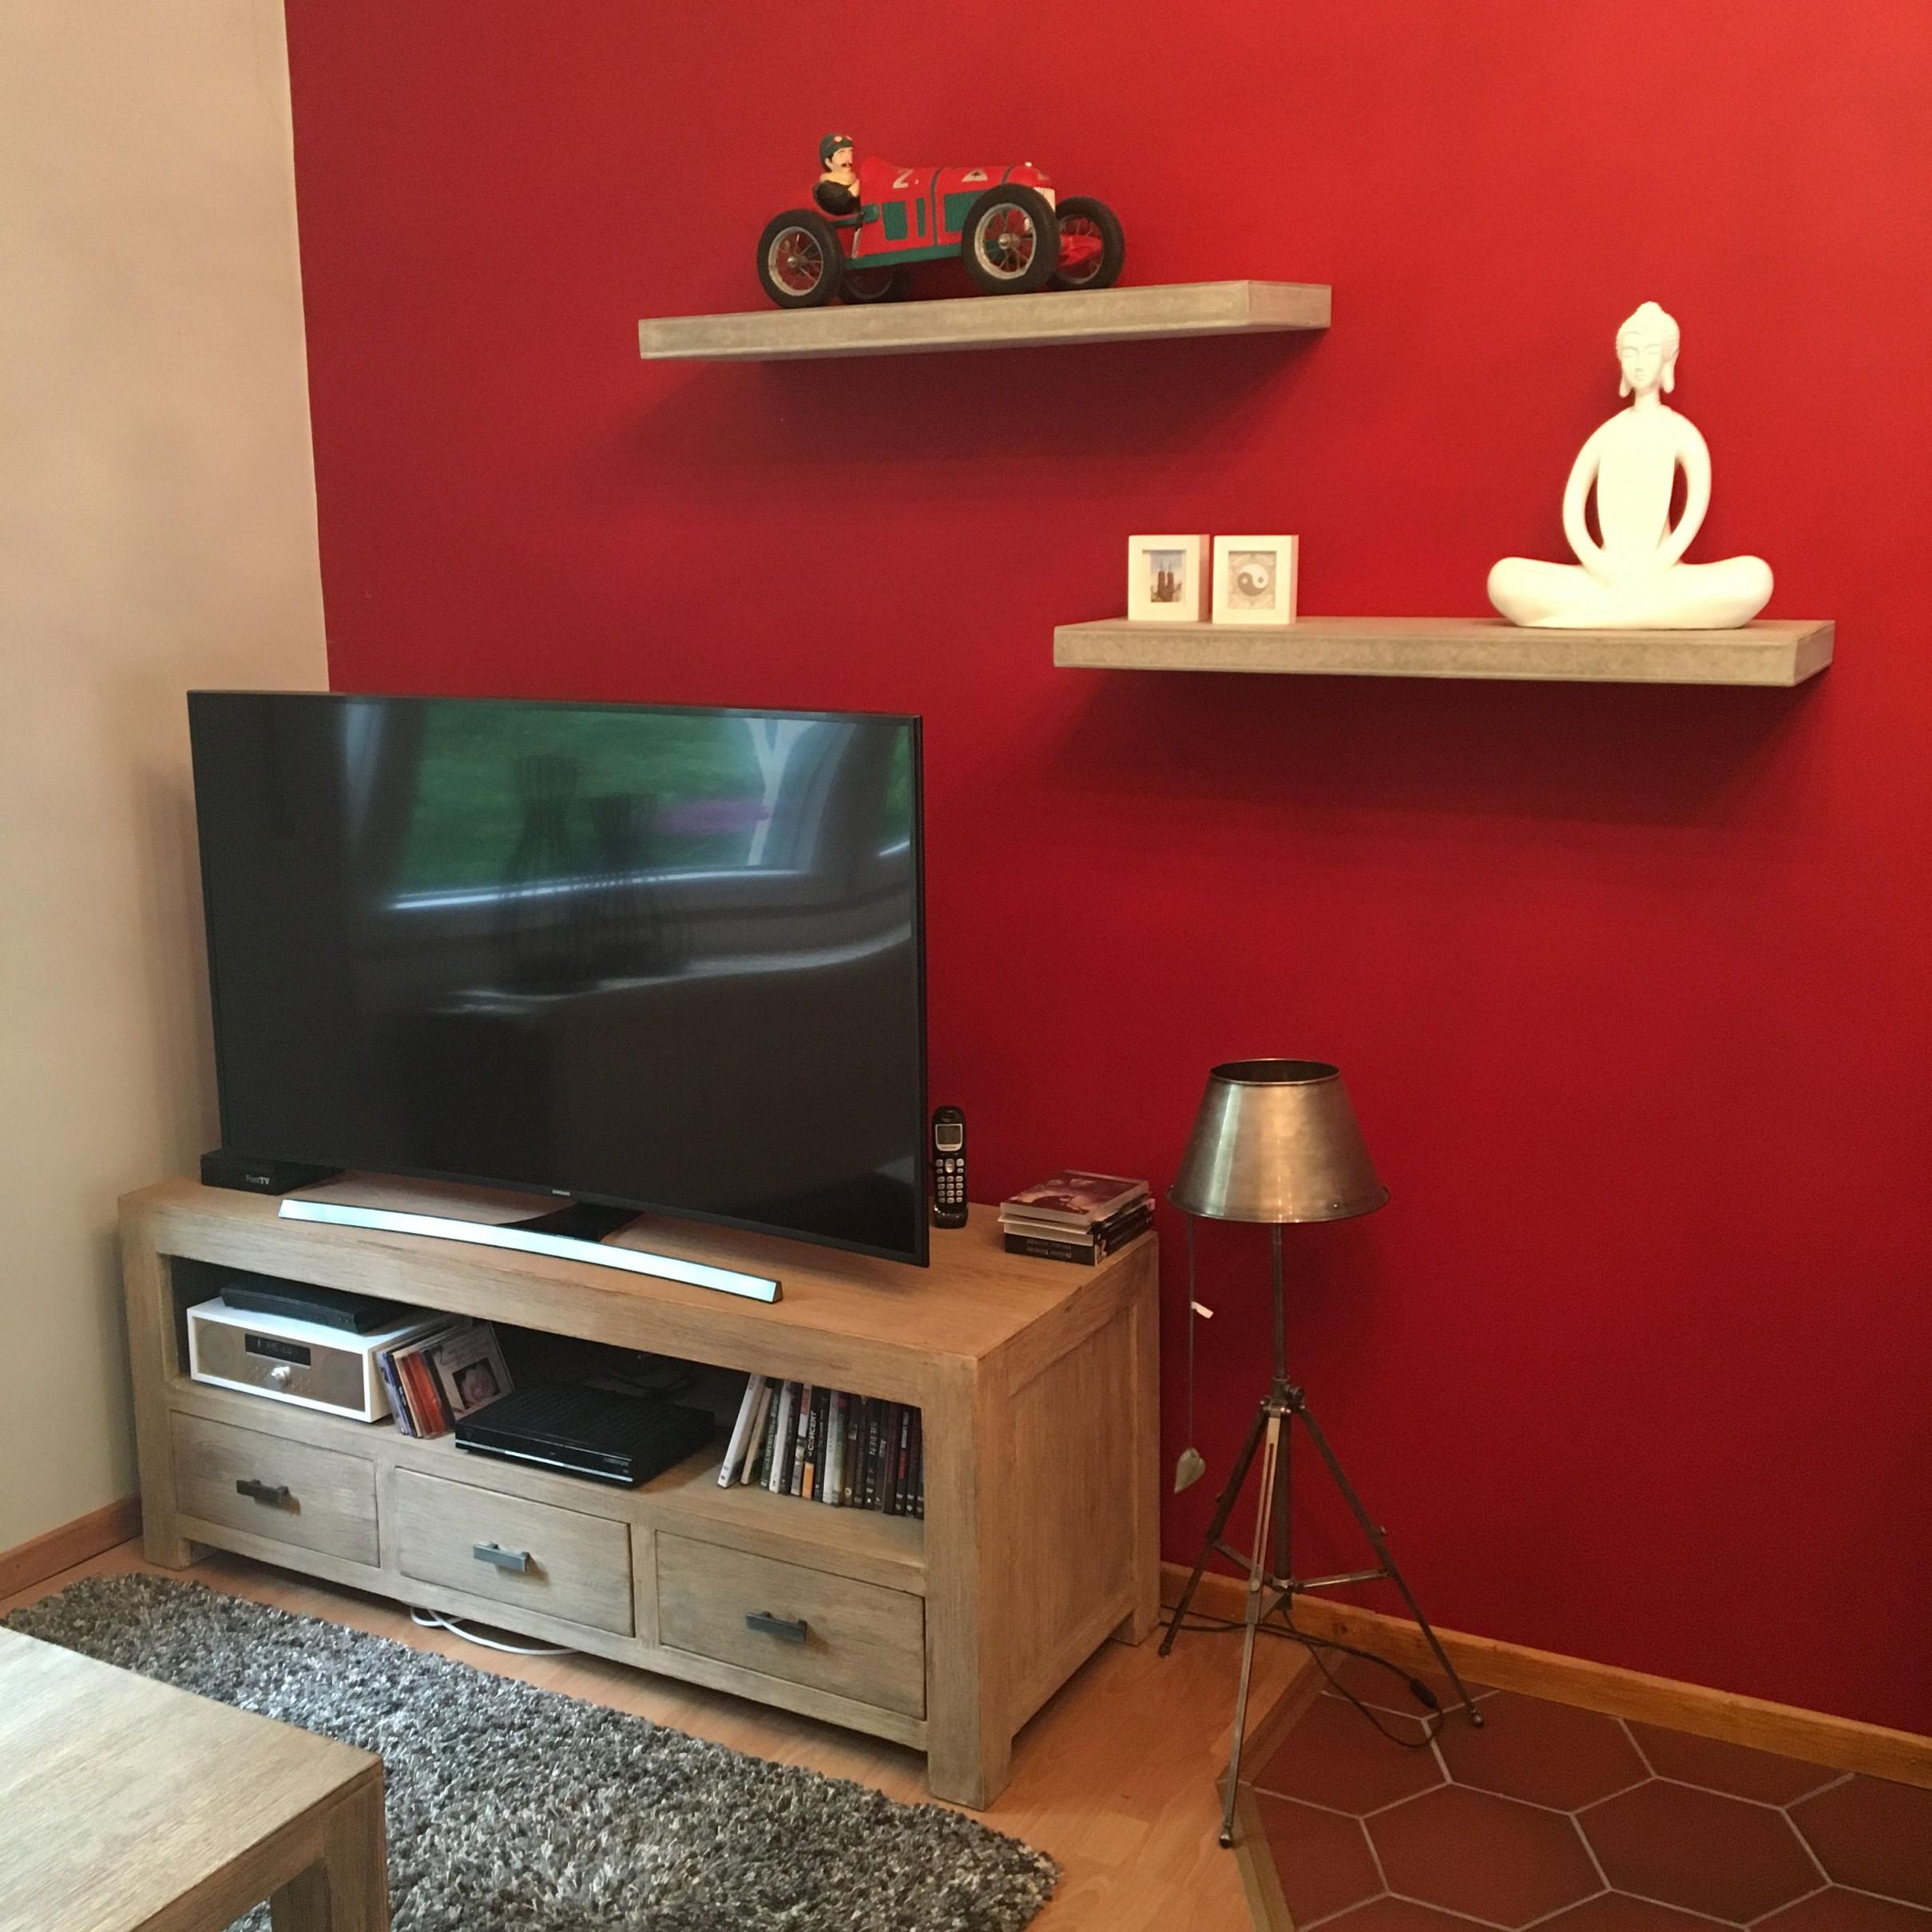 Deko Wohnzimmer Rot  Wohnung Dekoration Deko Und Wohnzimmer von Deko Rot Wohnzimmer Bild